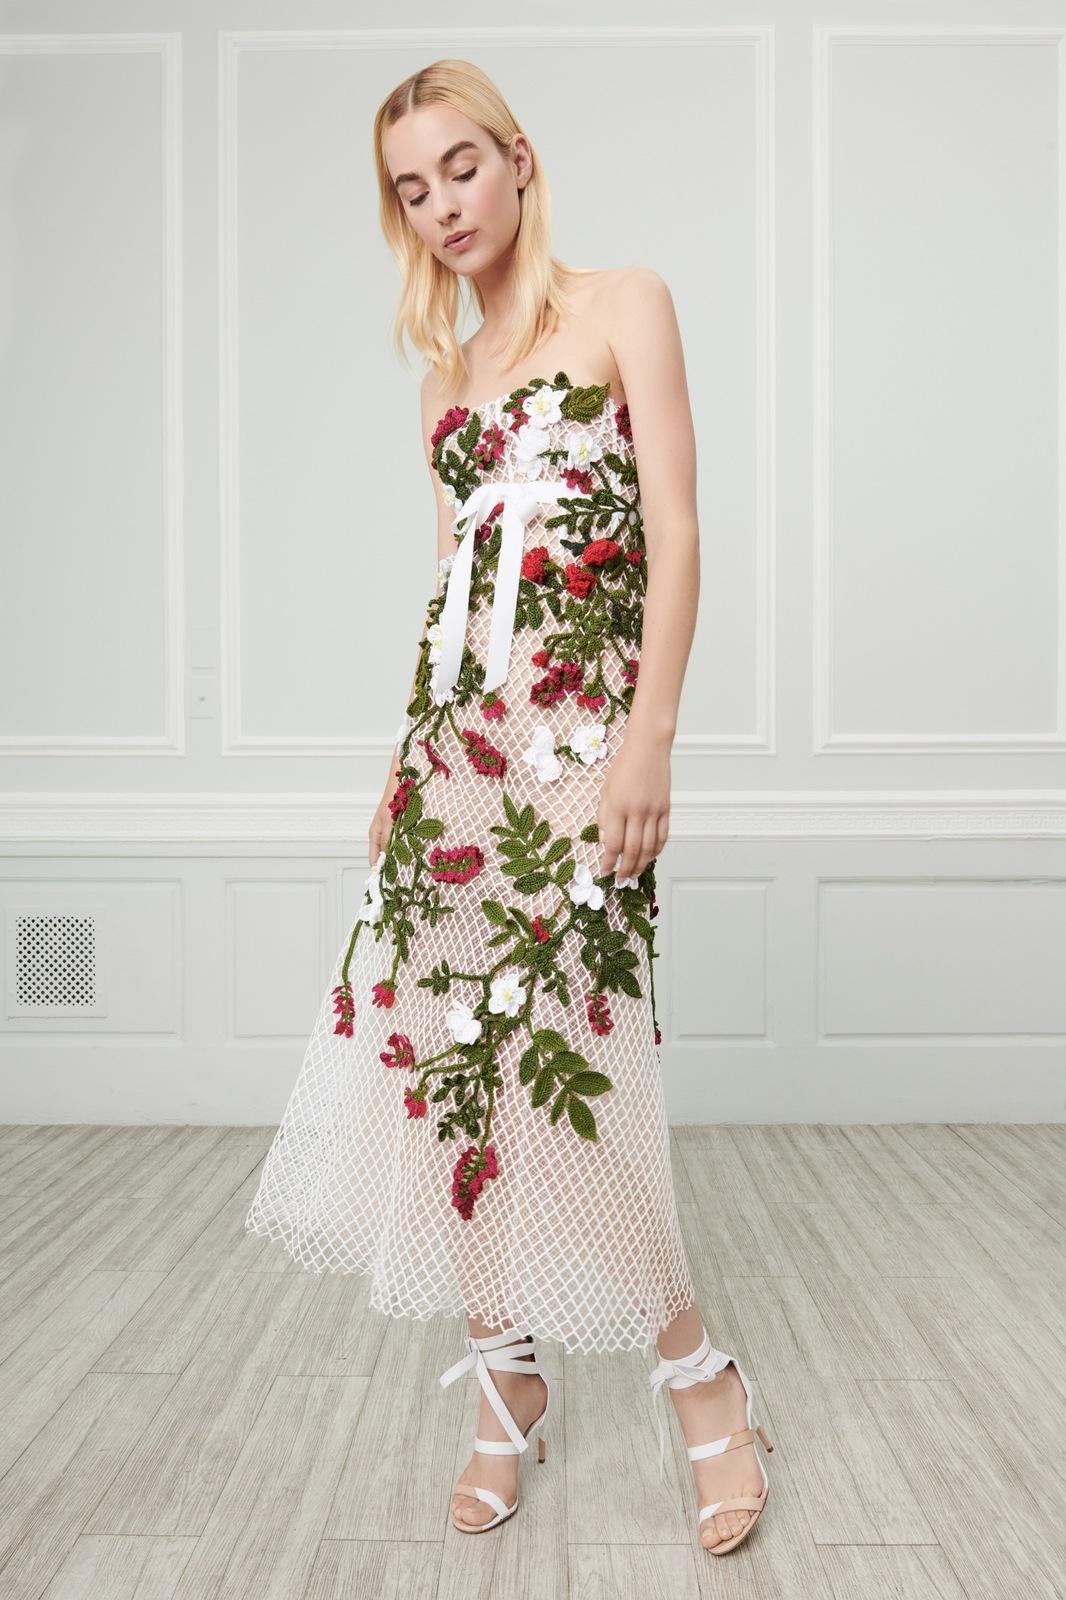 Luxusní a elegantní šaty s květinami. Zdroj  oscardelarenta.com 760a17034b